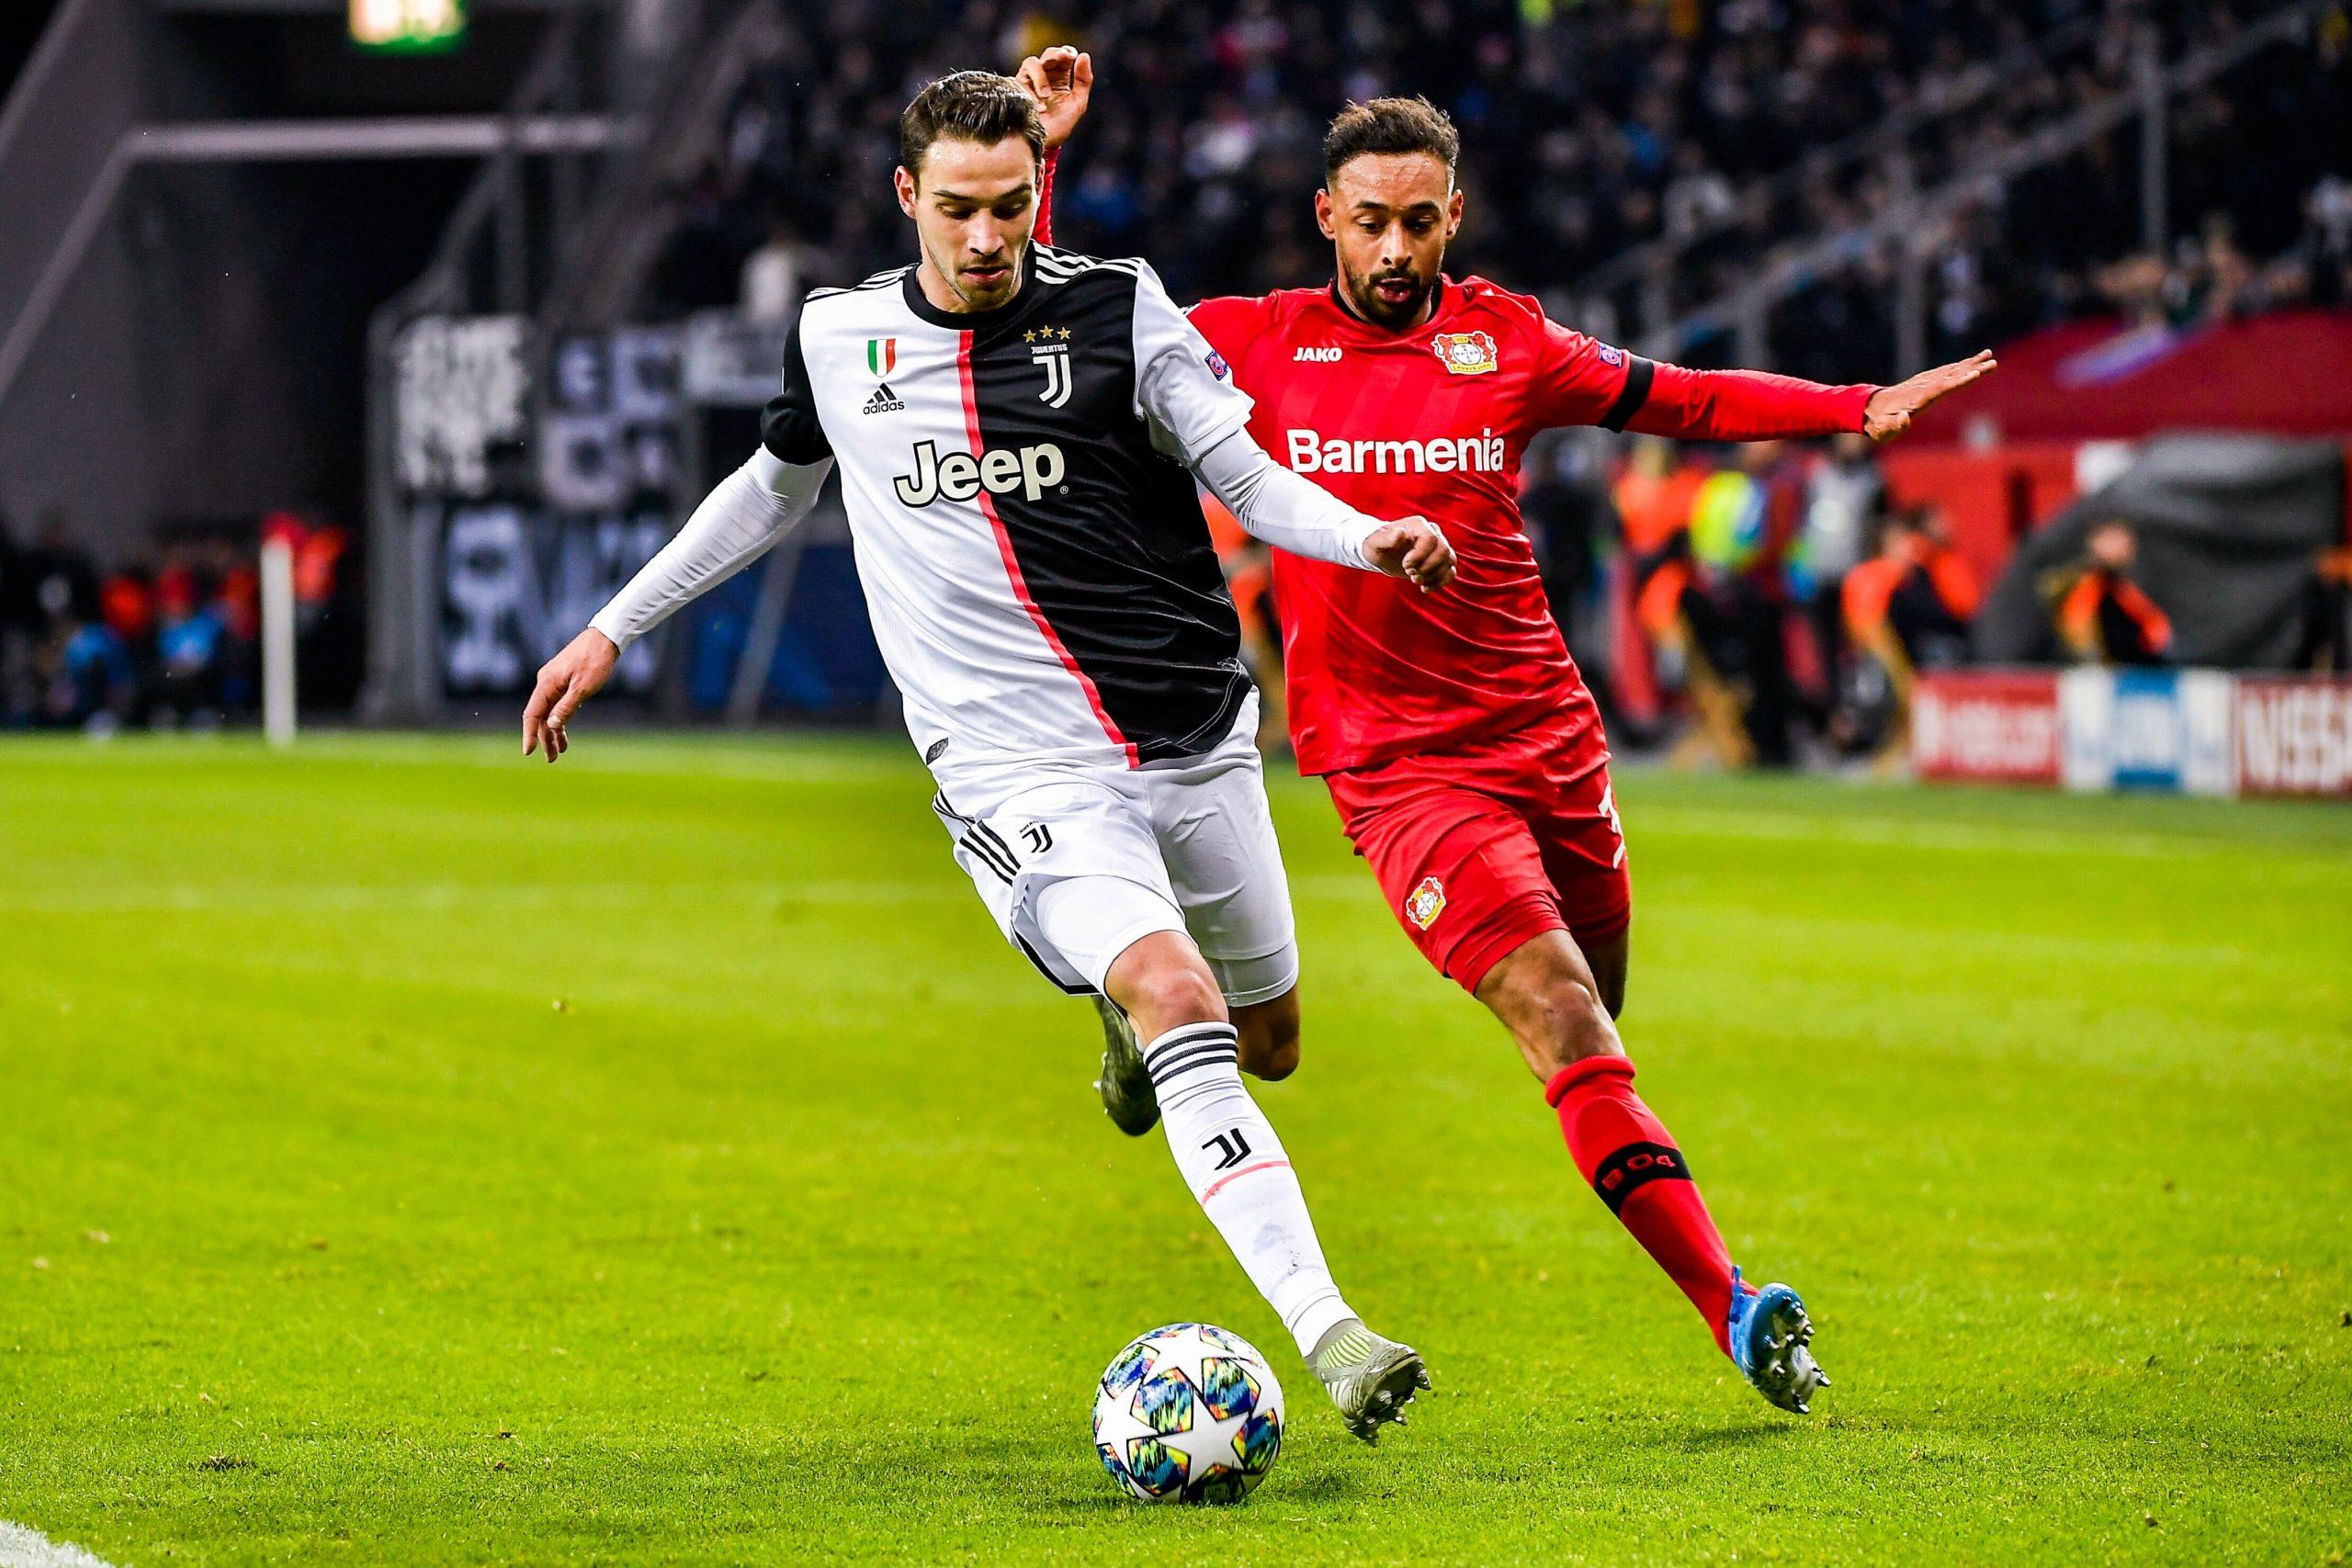 Mercato – La Juventus a stoppé l'échange entre De Sciglio et Kurzawa, d'après Di Marzio et Goal